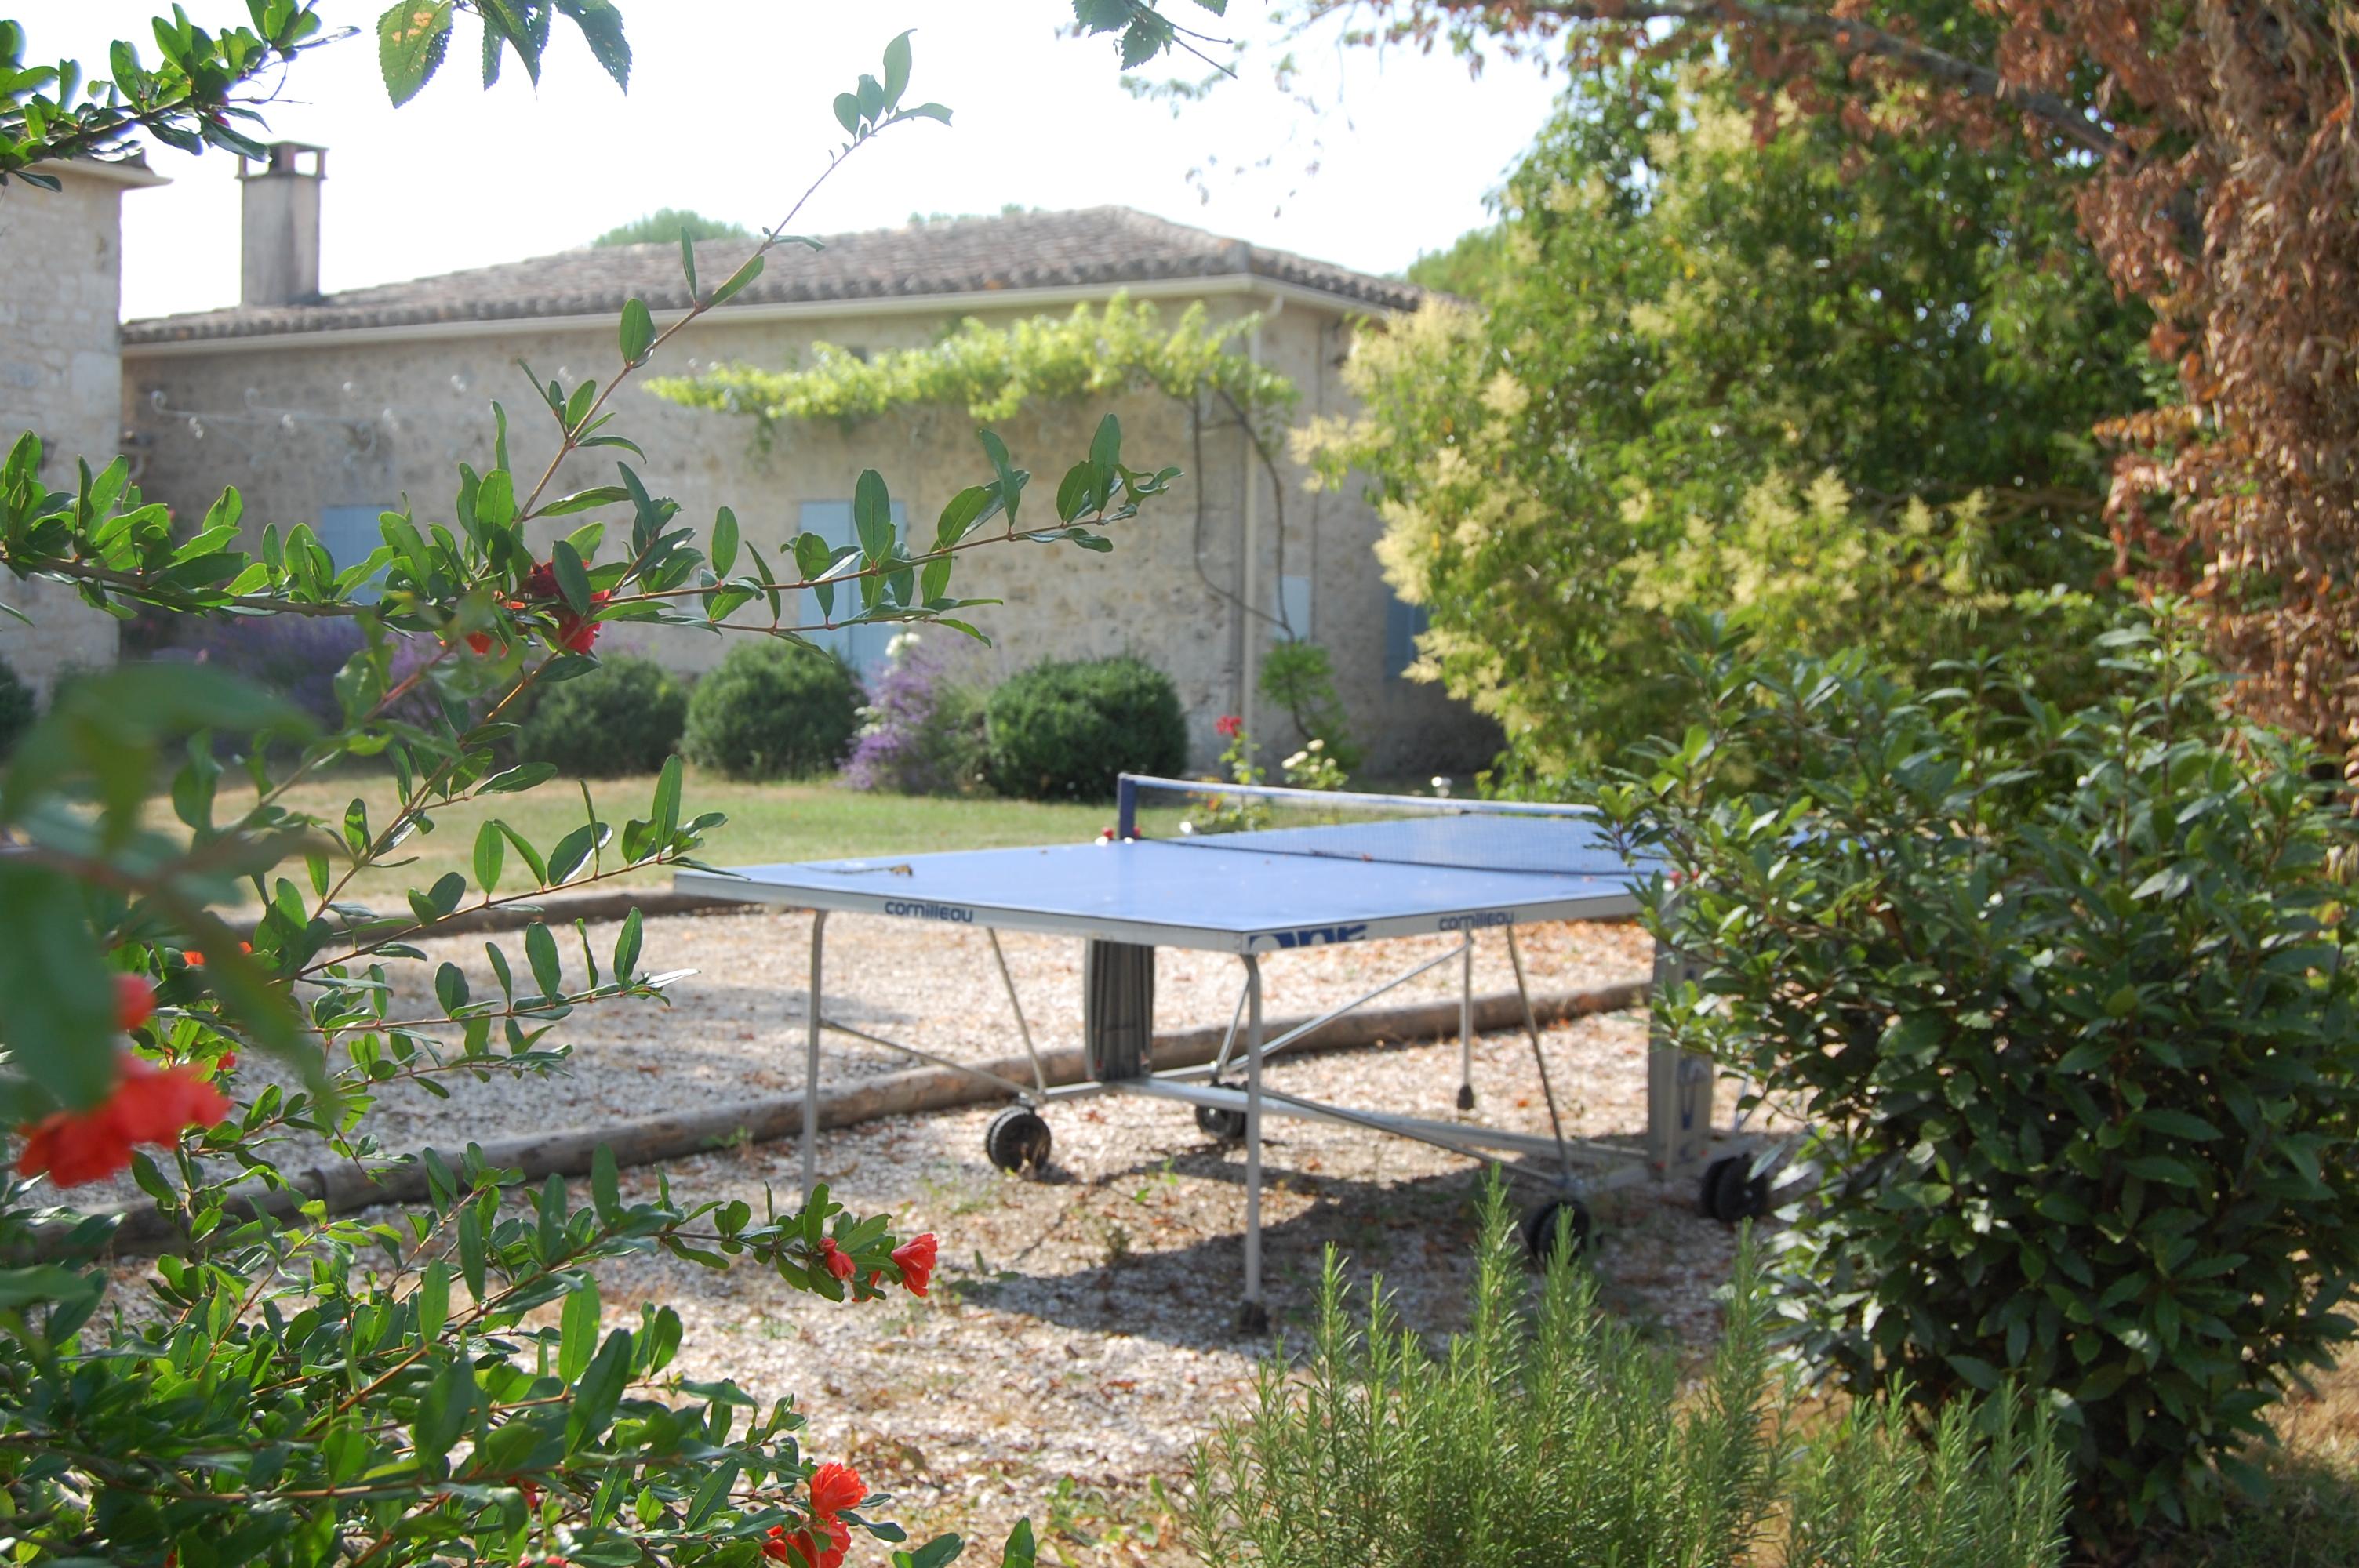 chambre d'hôte de charme piscine, chambre d'hôte romantique piscine, chambre d'hôte sud piscine, chambre d'hôte avec table d'hôte et piscine